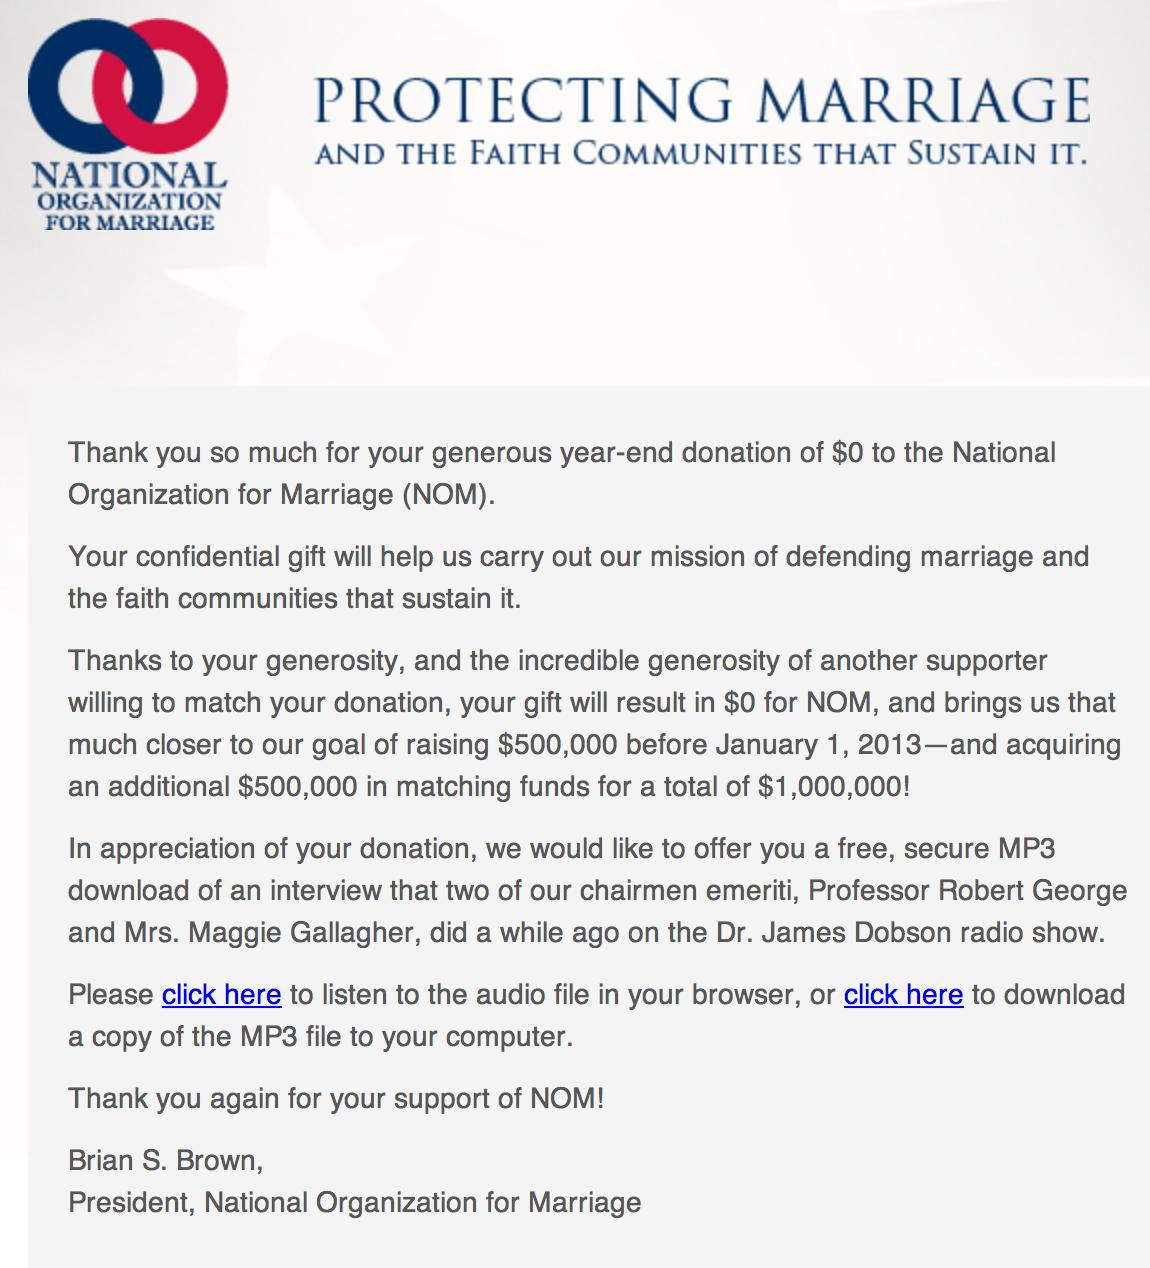 NOM fundraising graphic